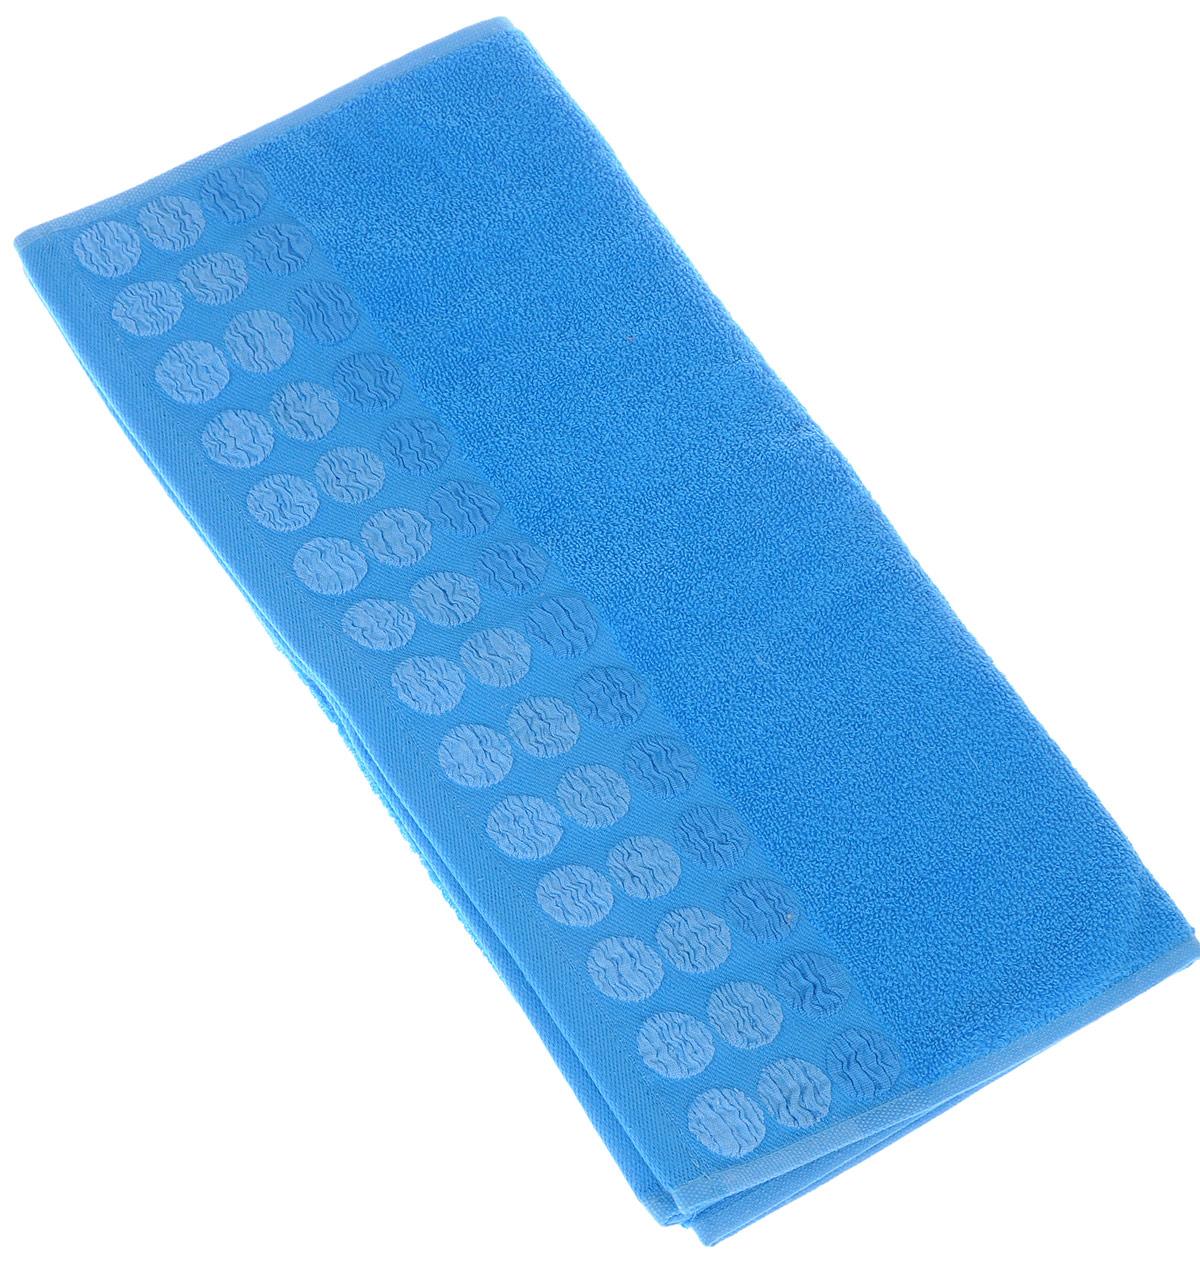 Полотенце Brielle Point, цвет: синий, 50 х 90 см1207Полотенце Brielle Point выполнено из 100% хлопка. Изделие очень мягкое, оно отлично впитывает влагу, быстро сохнет, сохраняет яркость цвета и не теряет формы даже после многократных стирок. Модель оформлена рисунком. Полотенце Brielle Point очень практично и неприхотливо в уходе. Такое полотенце послужит приятным подарком.